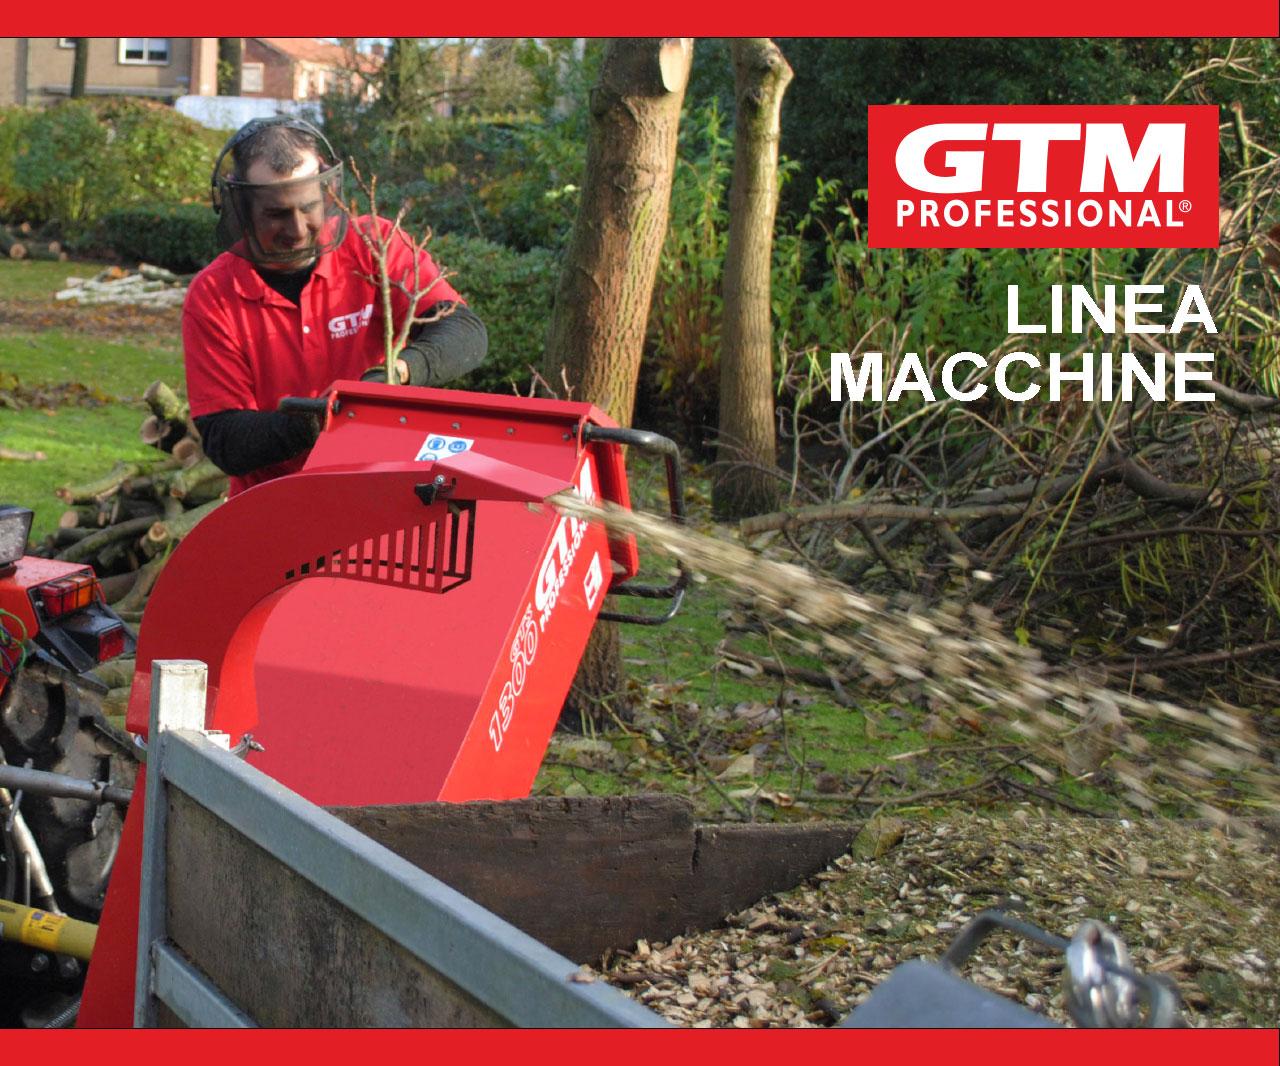 Biotrituratori GTM Professional